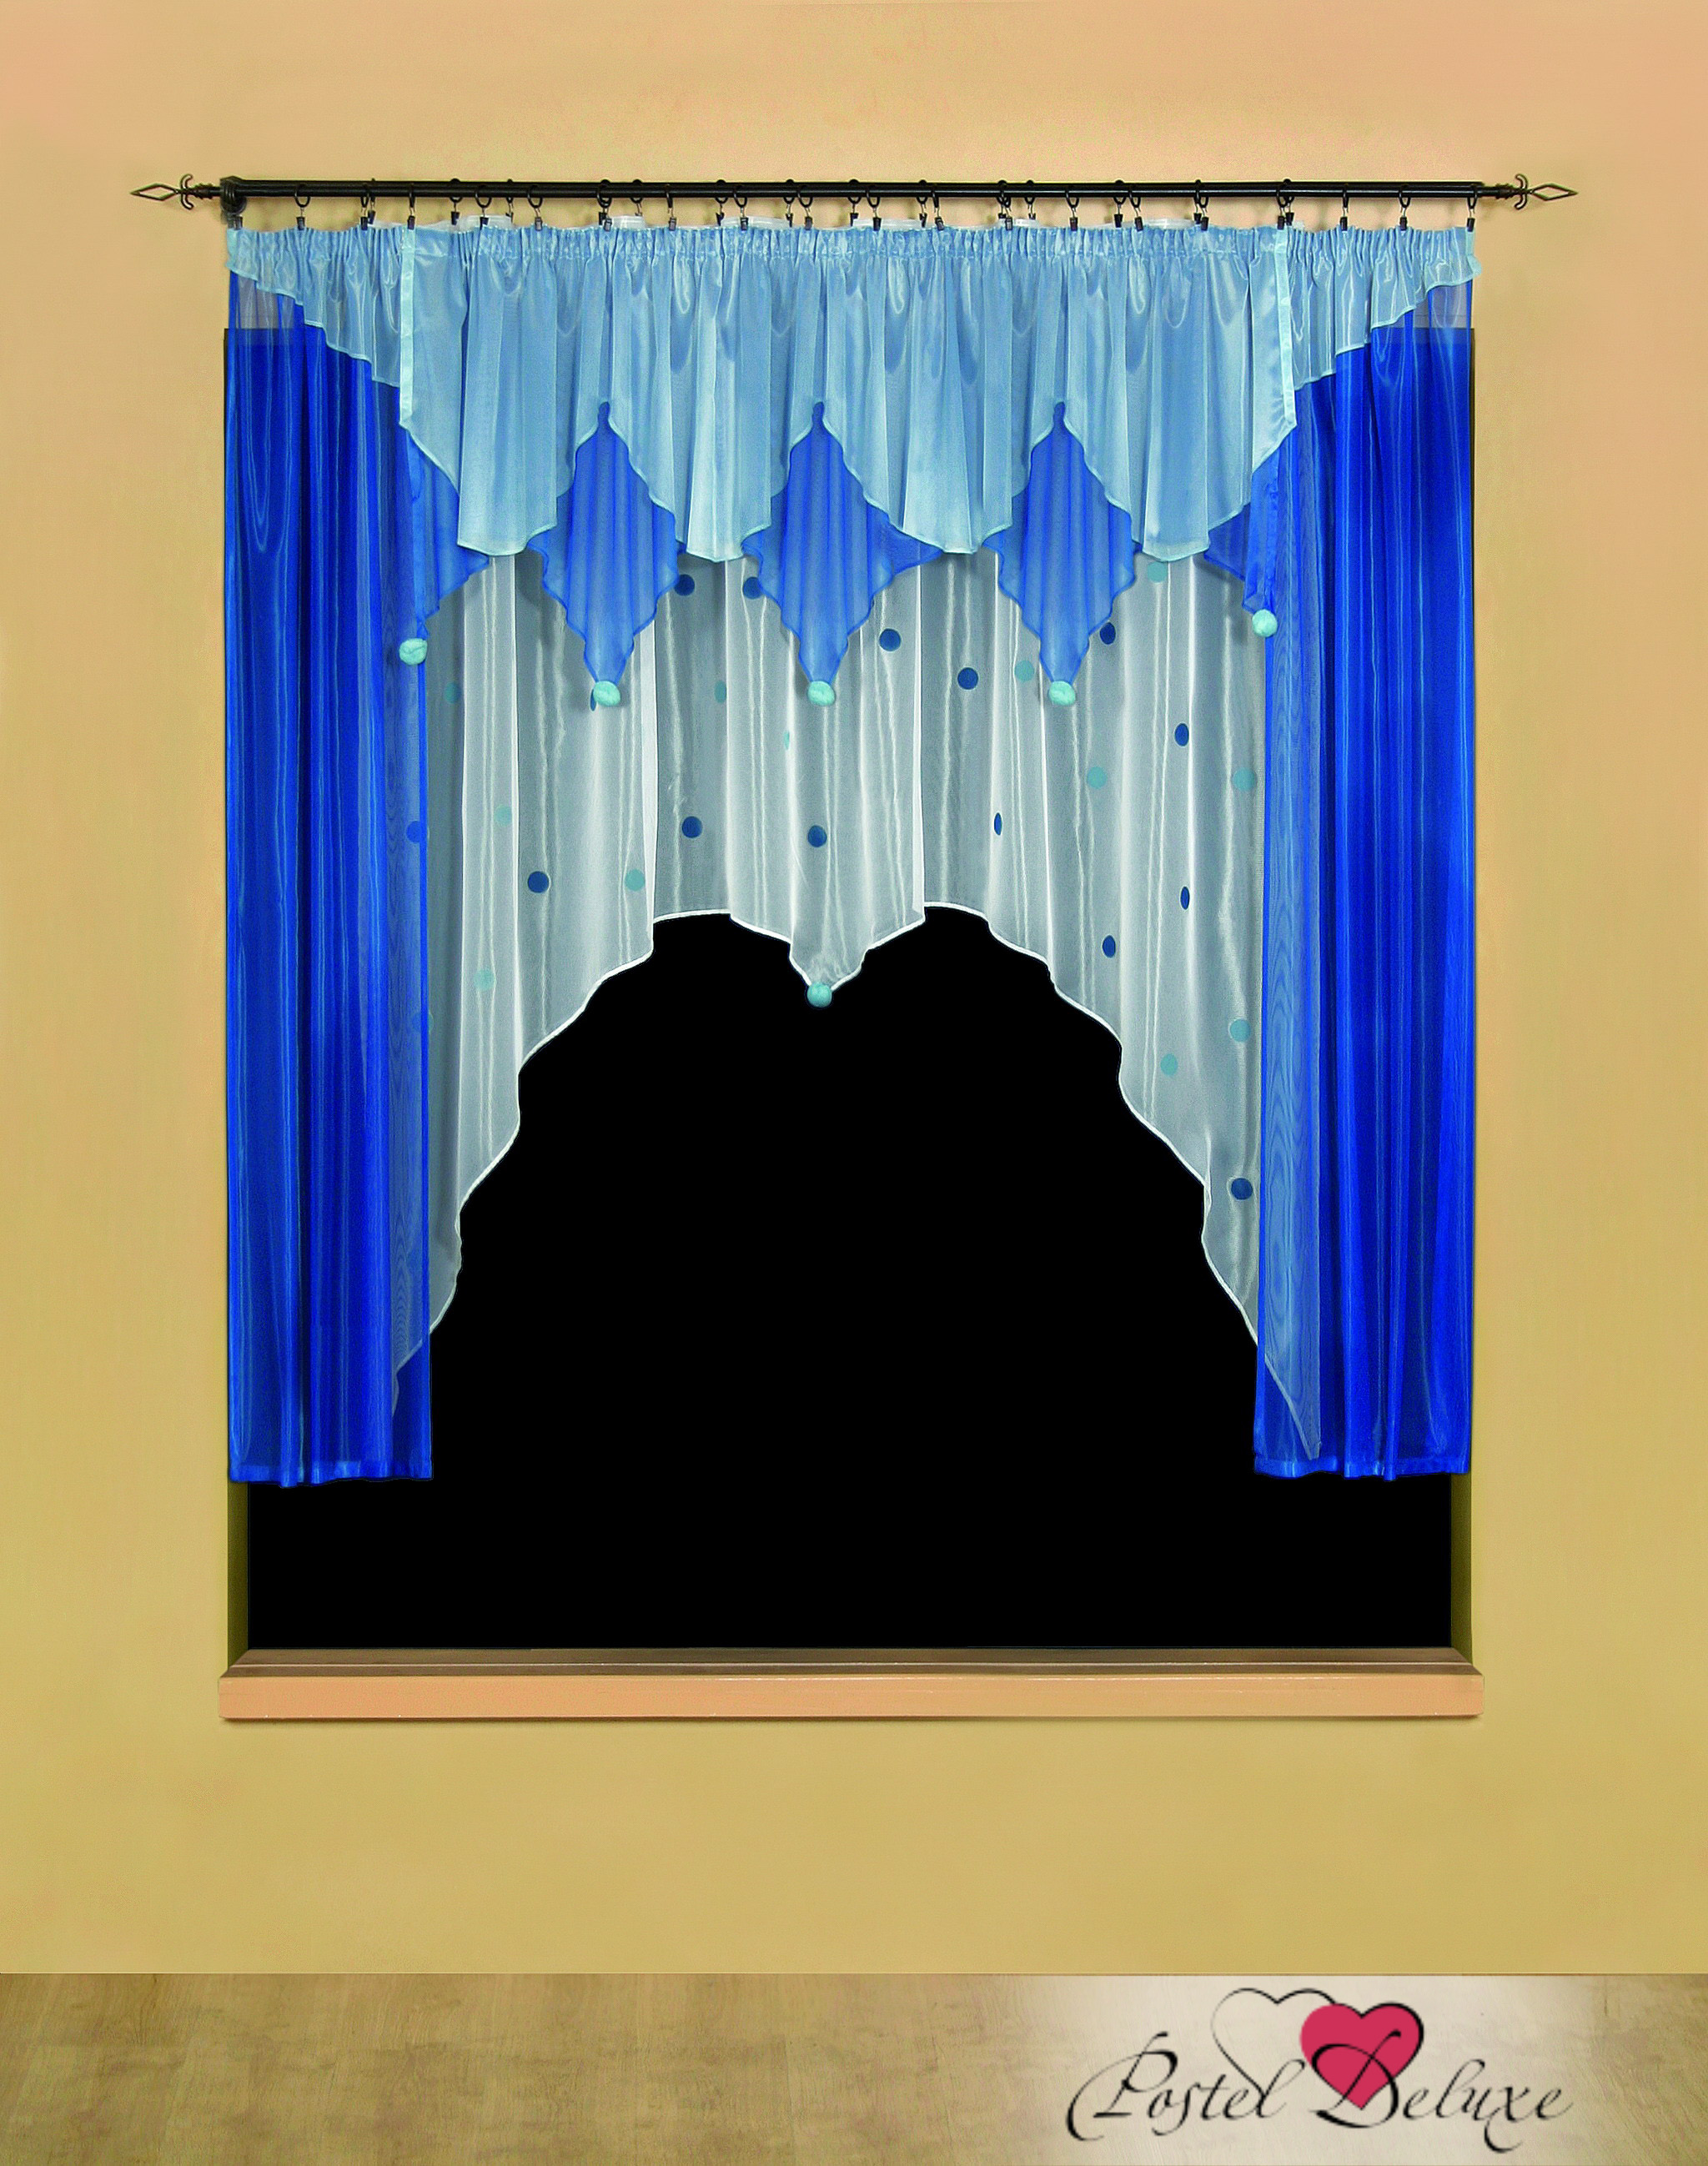 Шторы Wisan Шторы с ламбрекеном Pomponiki Цвет: Синий, Голубой шторы wisan шторы с ламбрекеном caprice цвет льняной